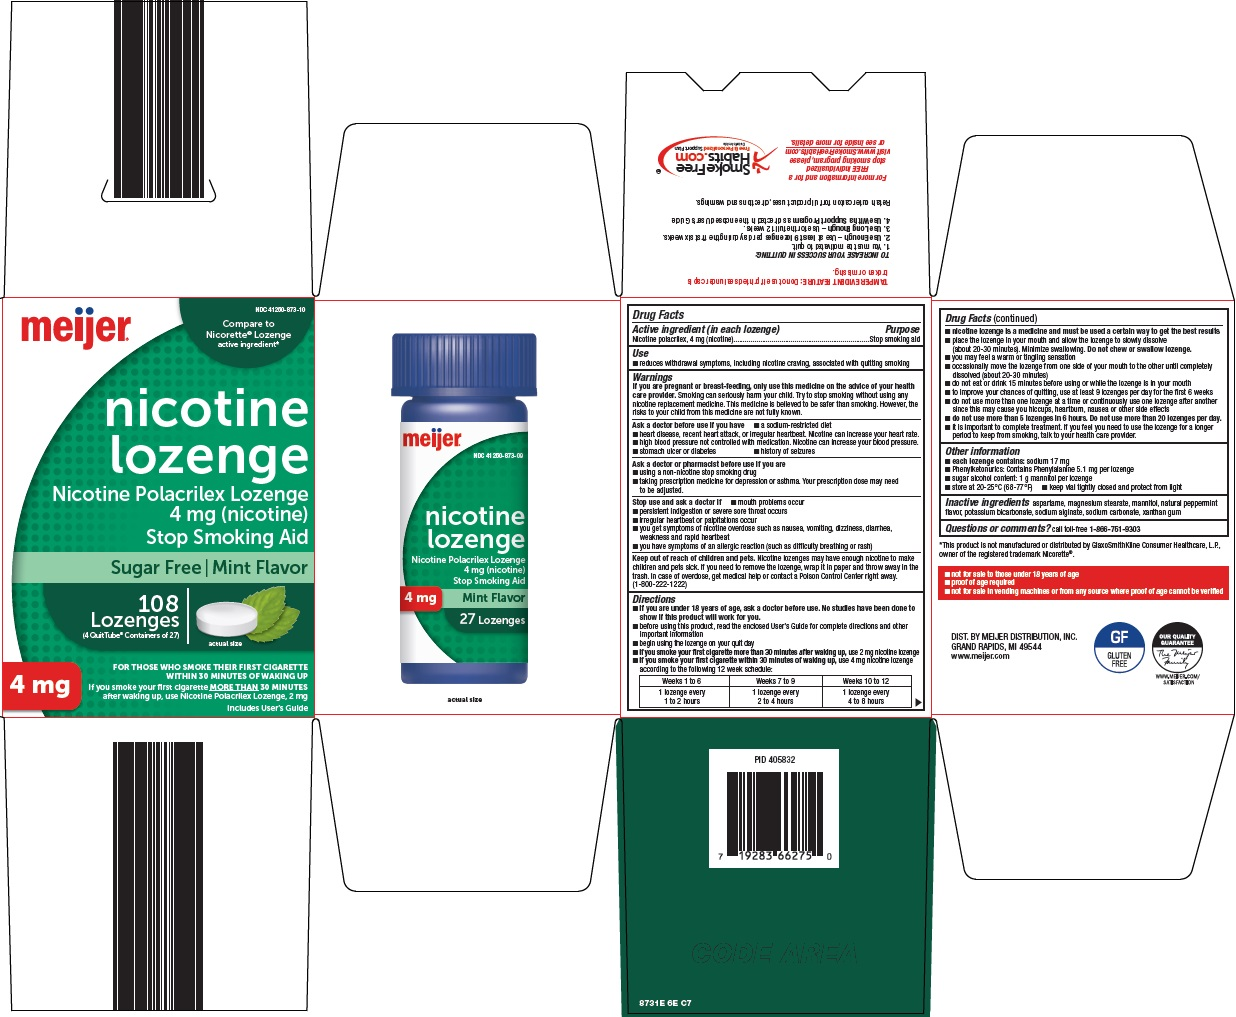 873-6e-nicotine-lozenge.jpg